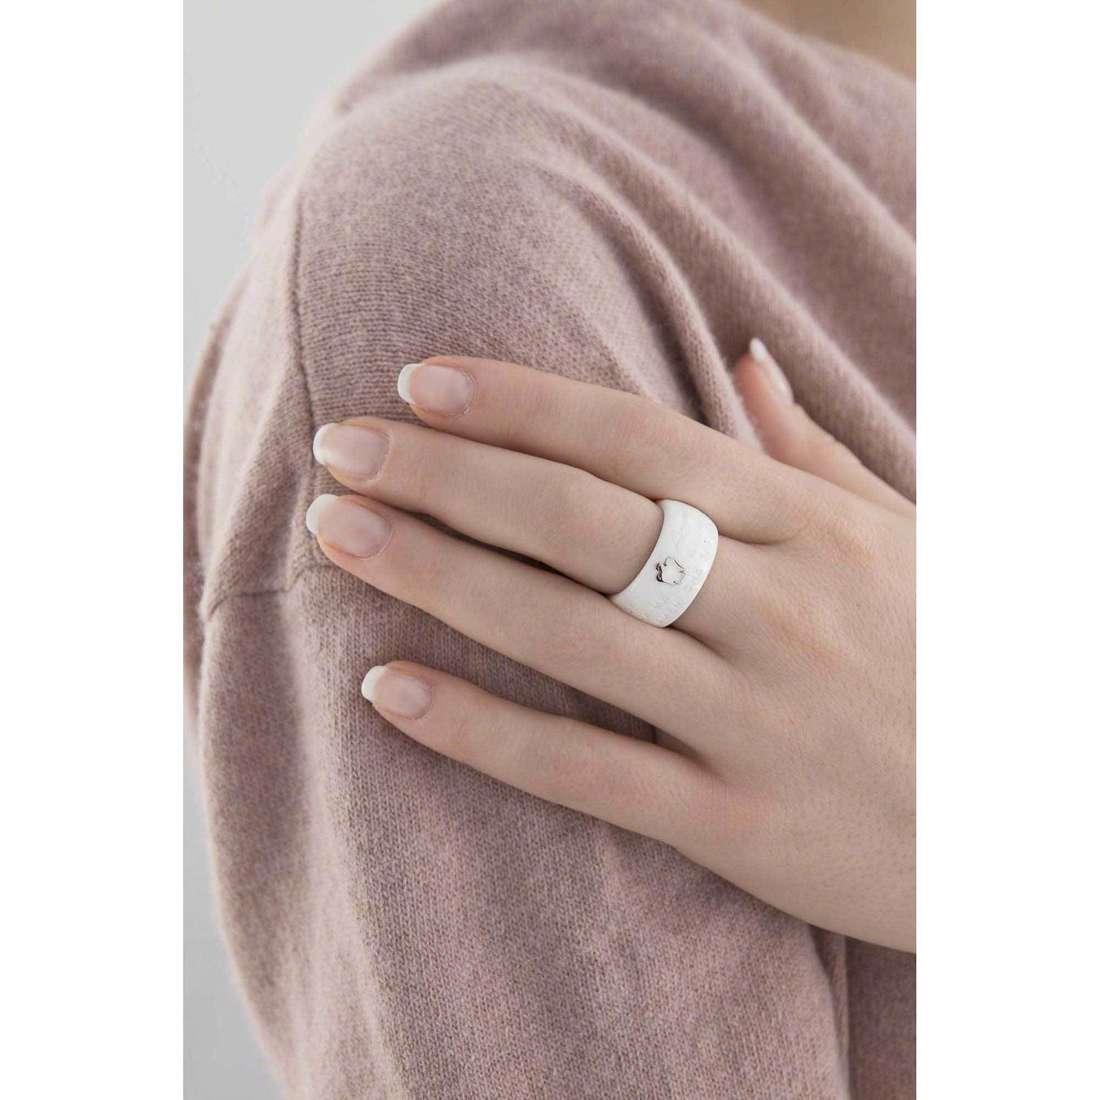 Giannotti anelli Chiama Angeli donna REB-14 indosso